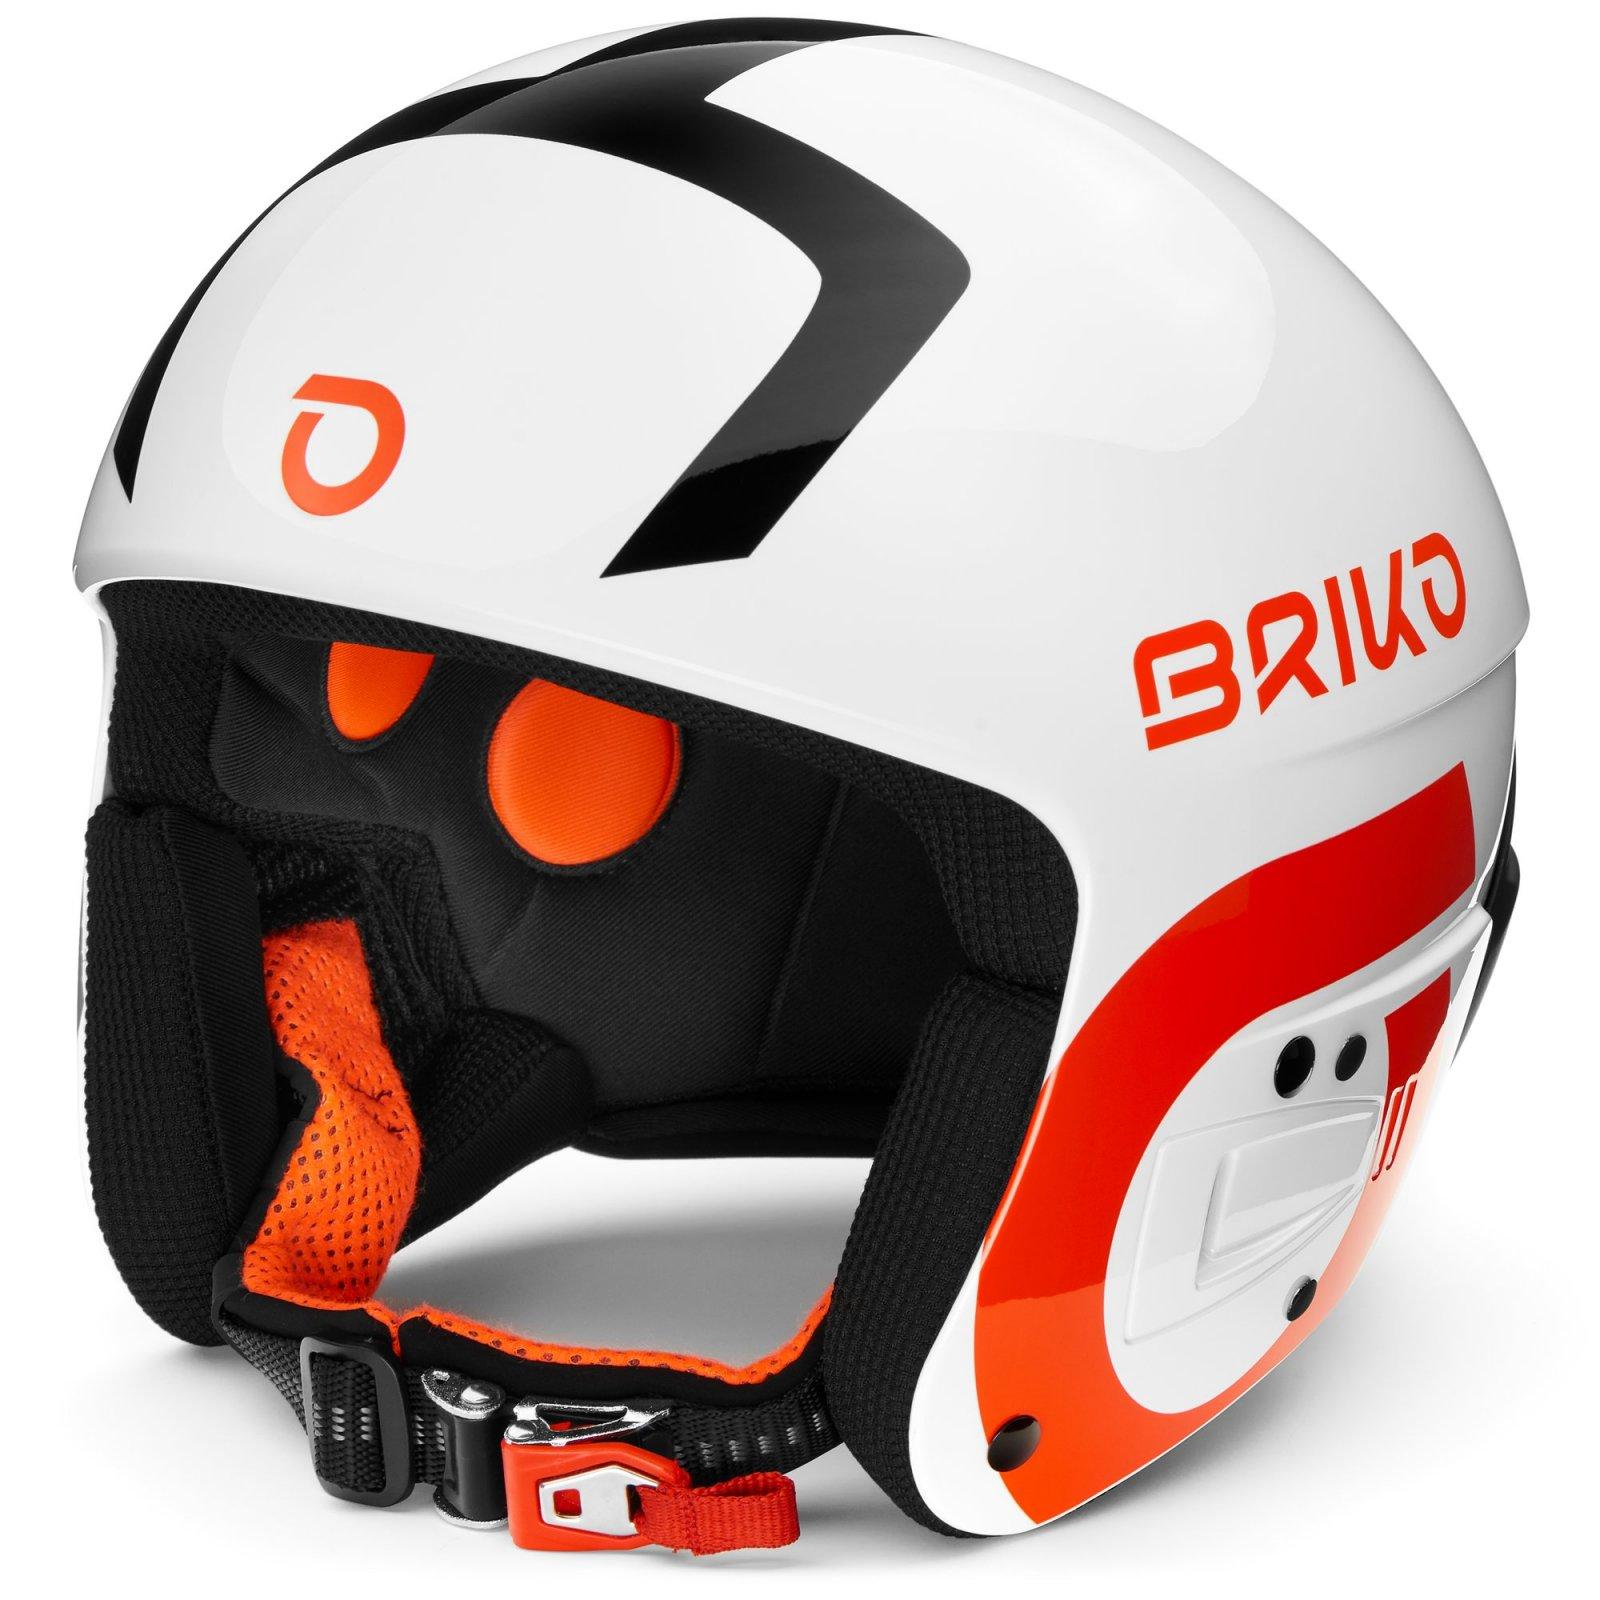 Briko 19 Vulcano FIS 6.8 Fluid Multi Impact Helmet